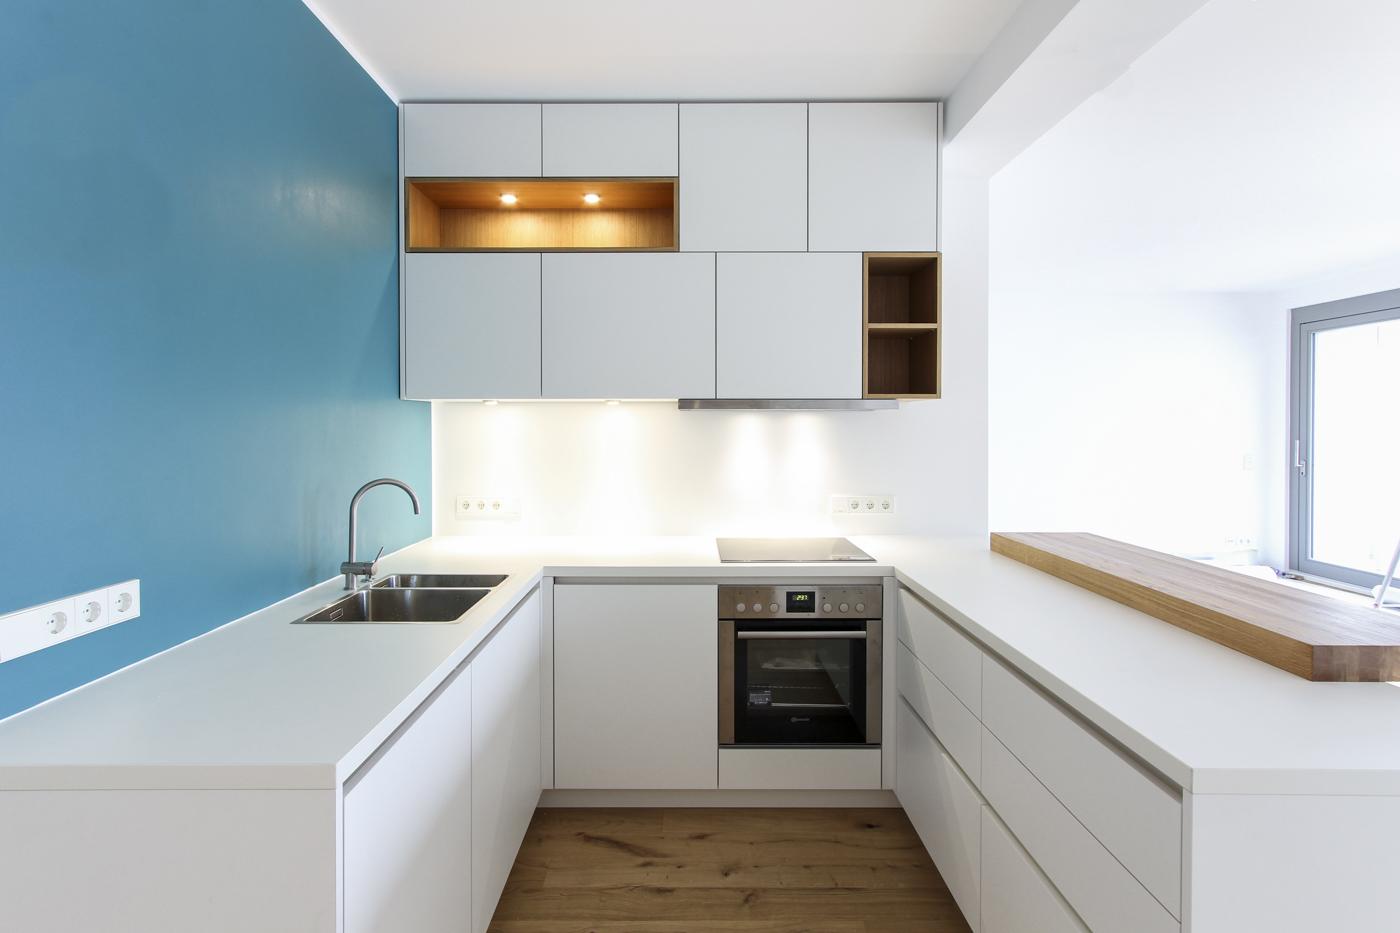 Küche | jan martin nürnberg